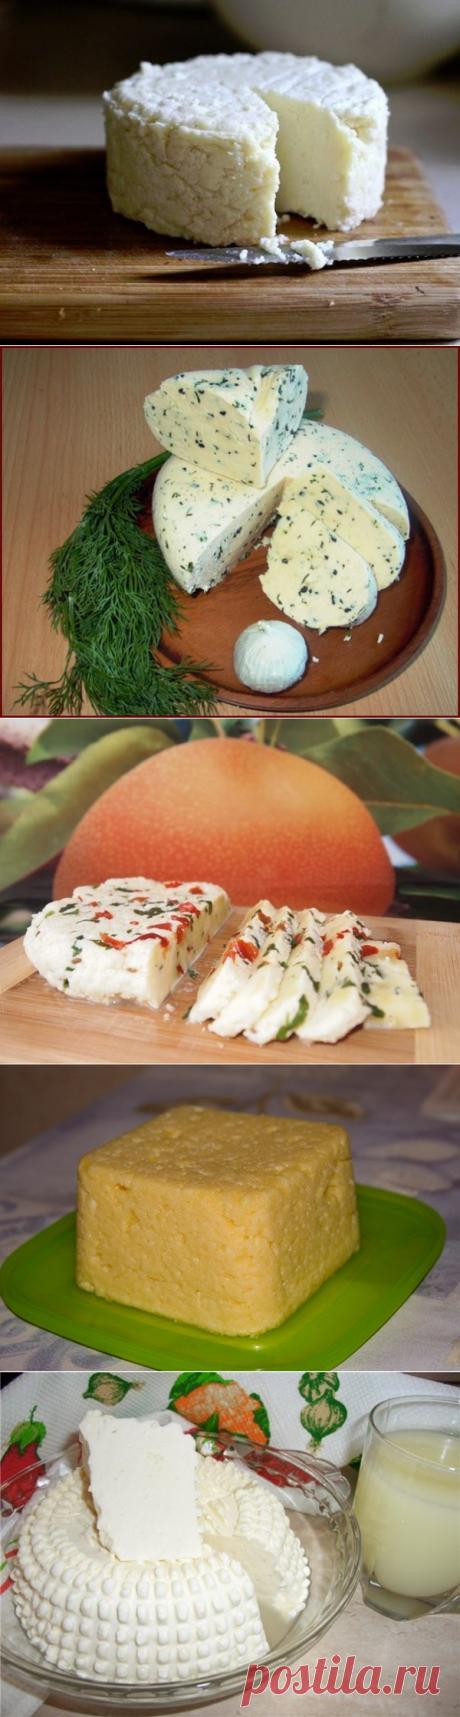 ТОР — 14  Подборка вкусных домашних сыров! |